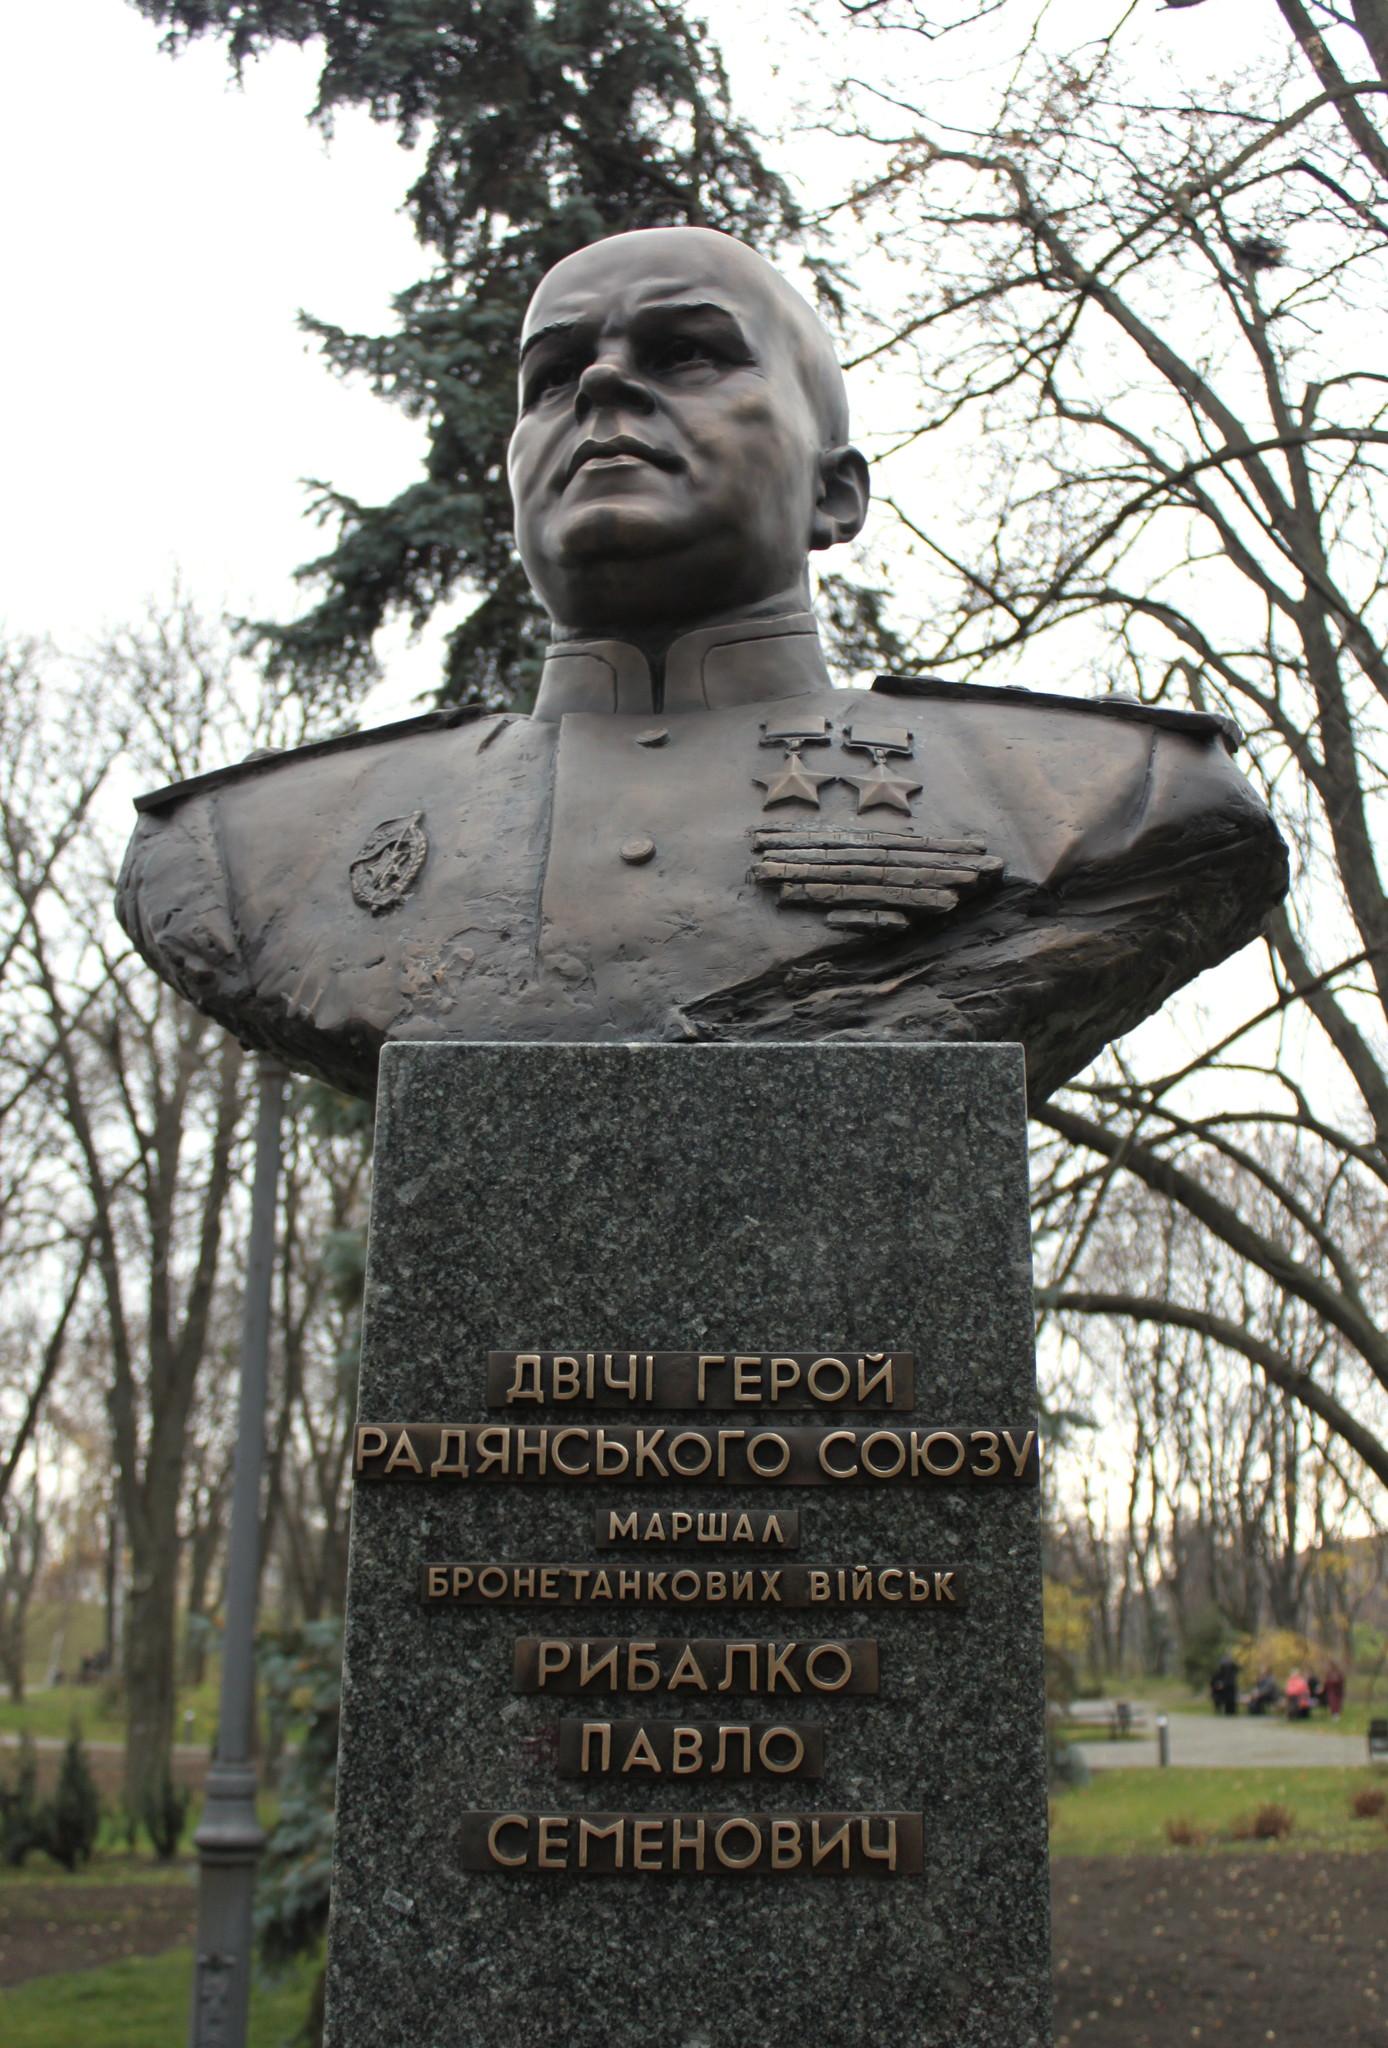 Бюст маршала Рыбалко в парке Славы